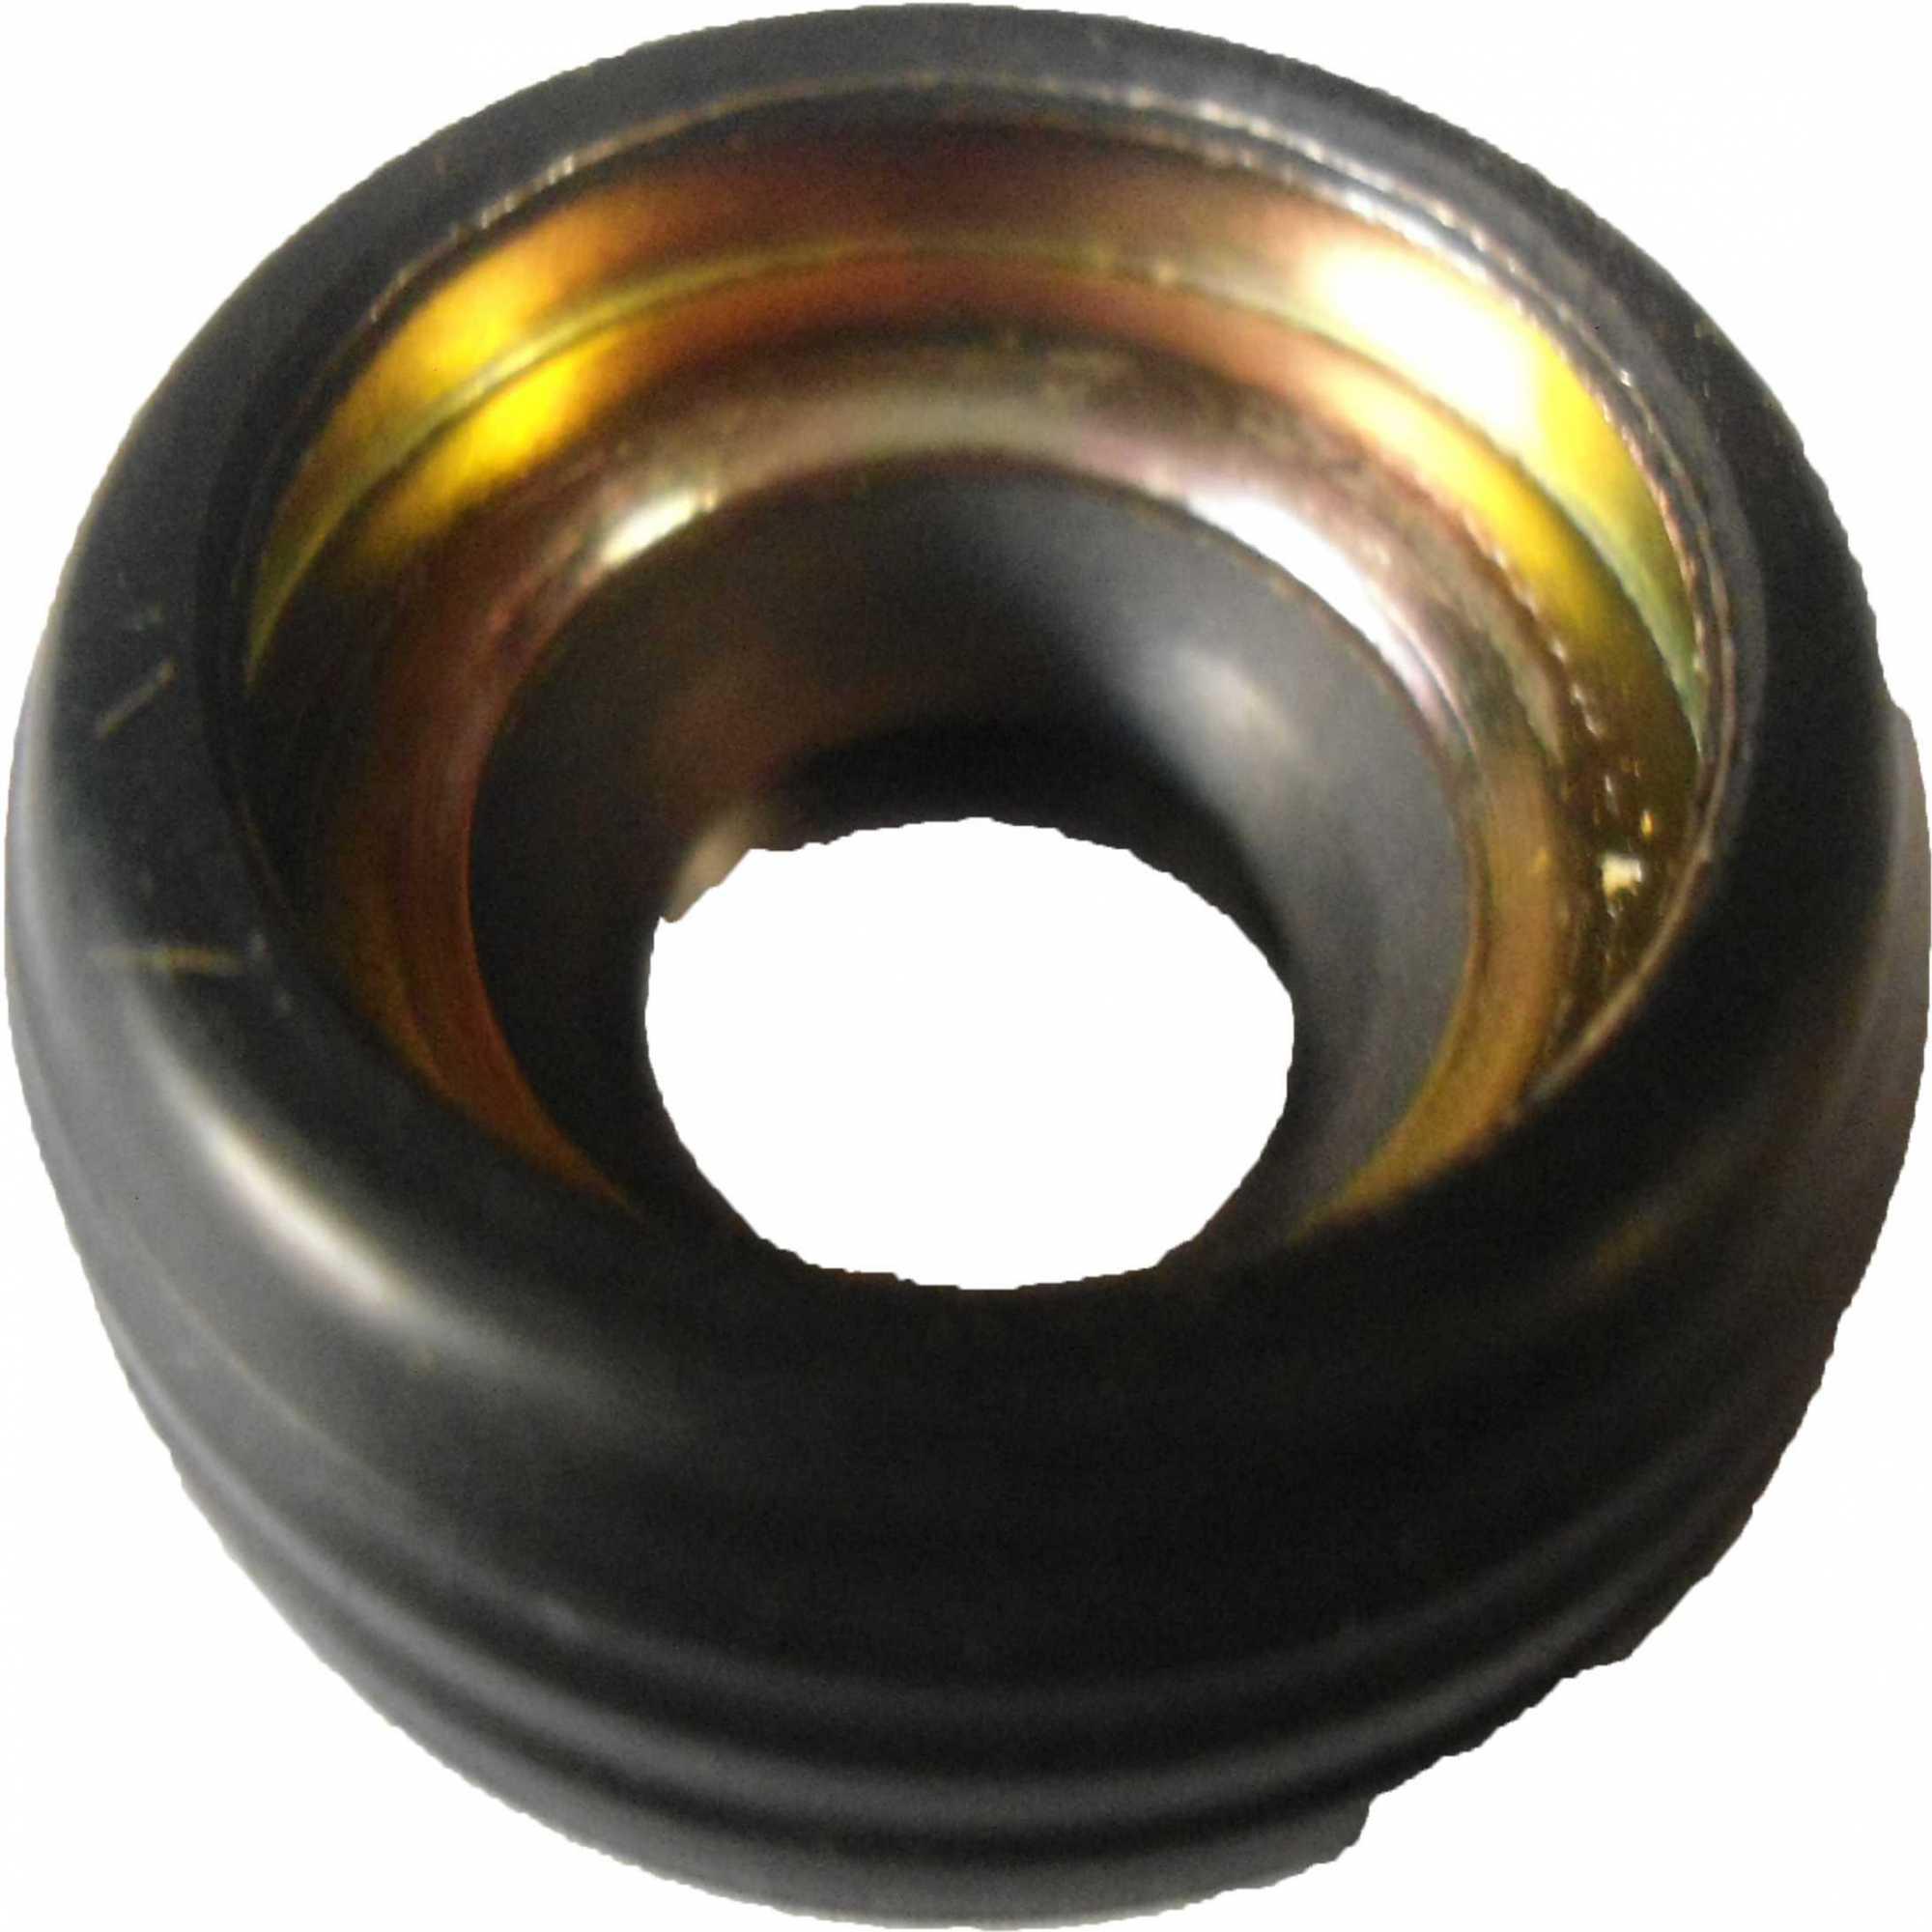 Selo Compressor - Mitsubishi/Civic Comp.sanden/Fit/Onix/Spin Mitsubishi/Civic Comp.sanden/Fit/Onix/Spin